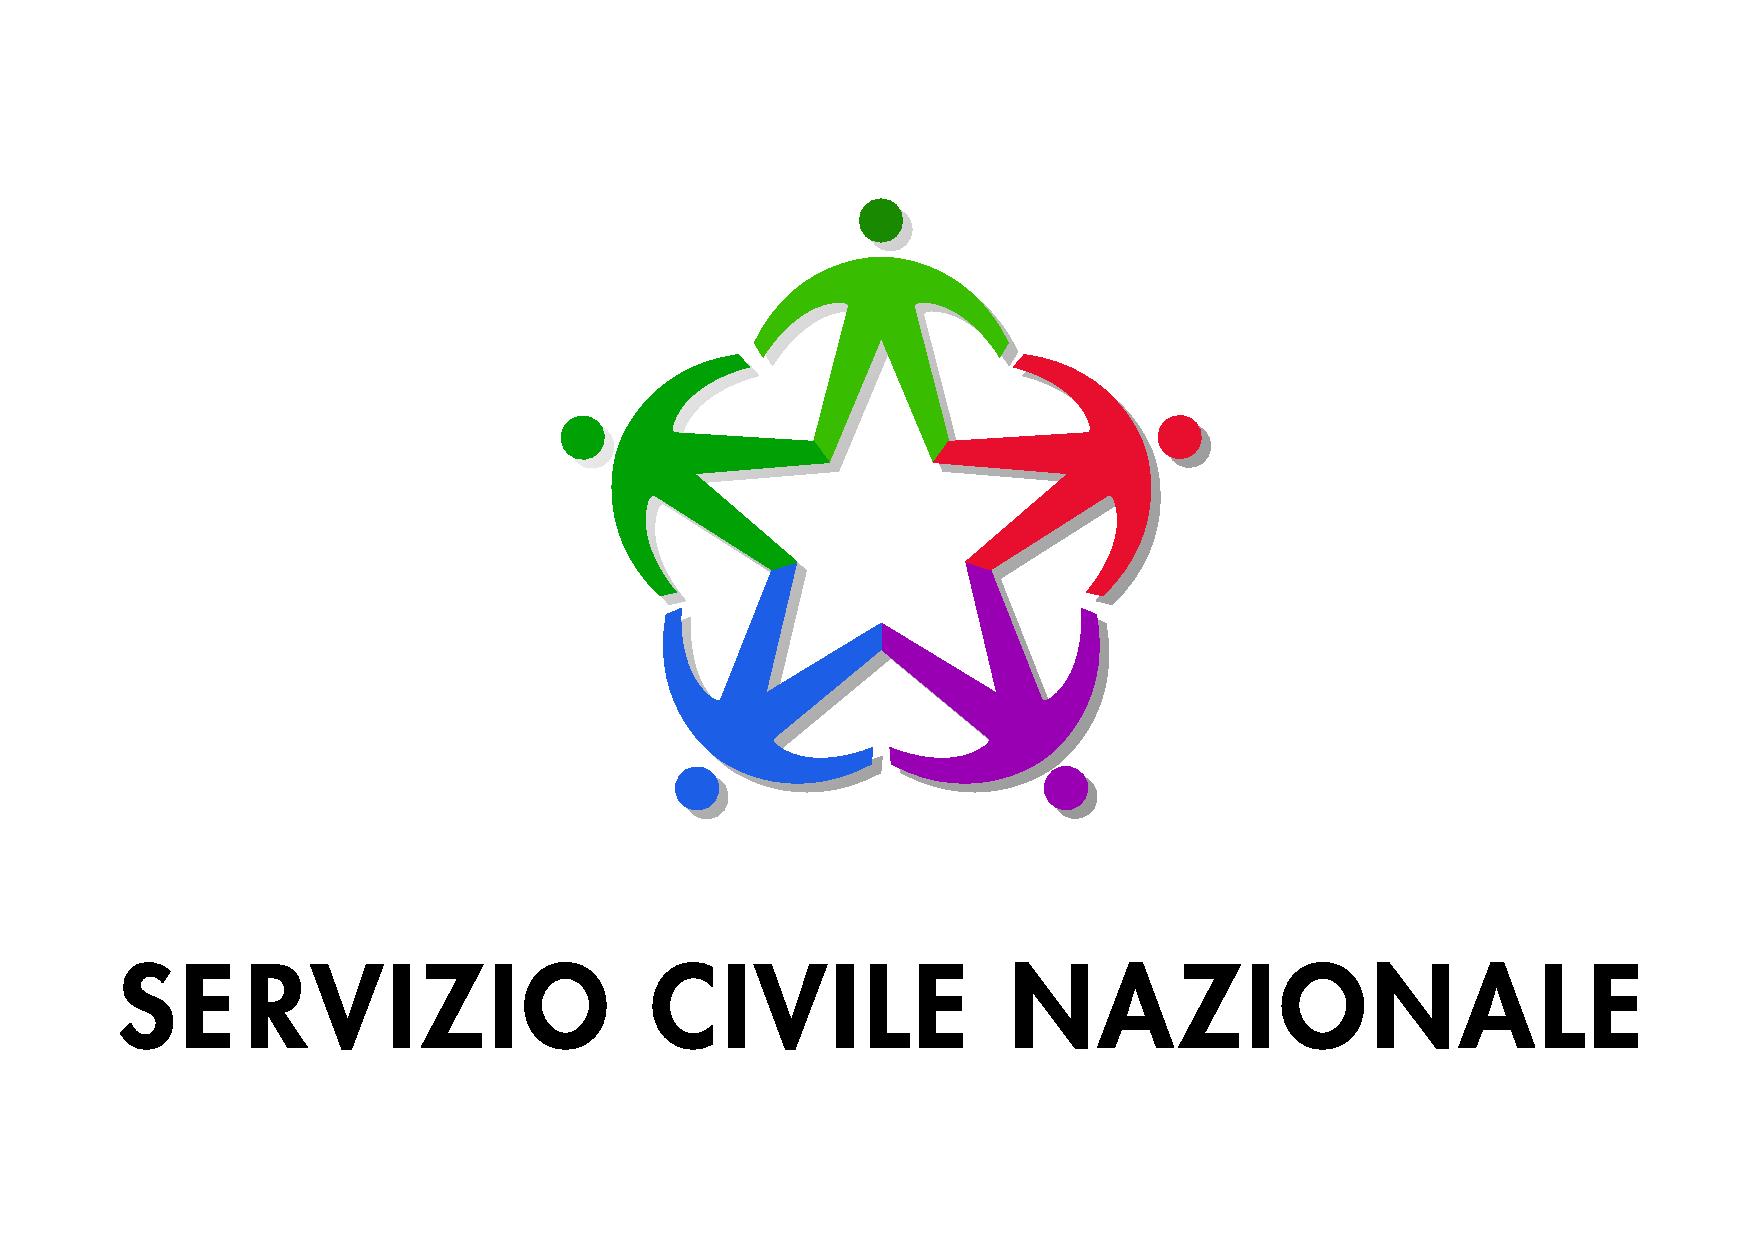 Servizio civile: Auser Reggio Emilia cerca 4 volontari!